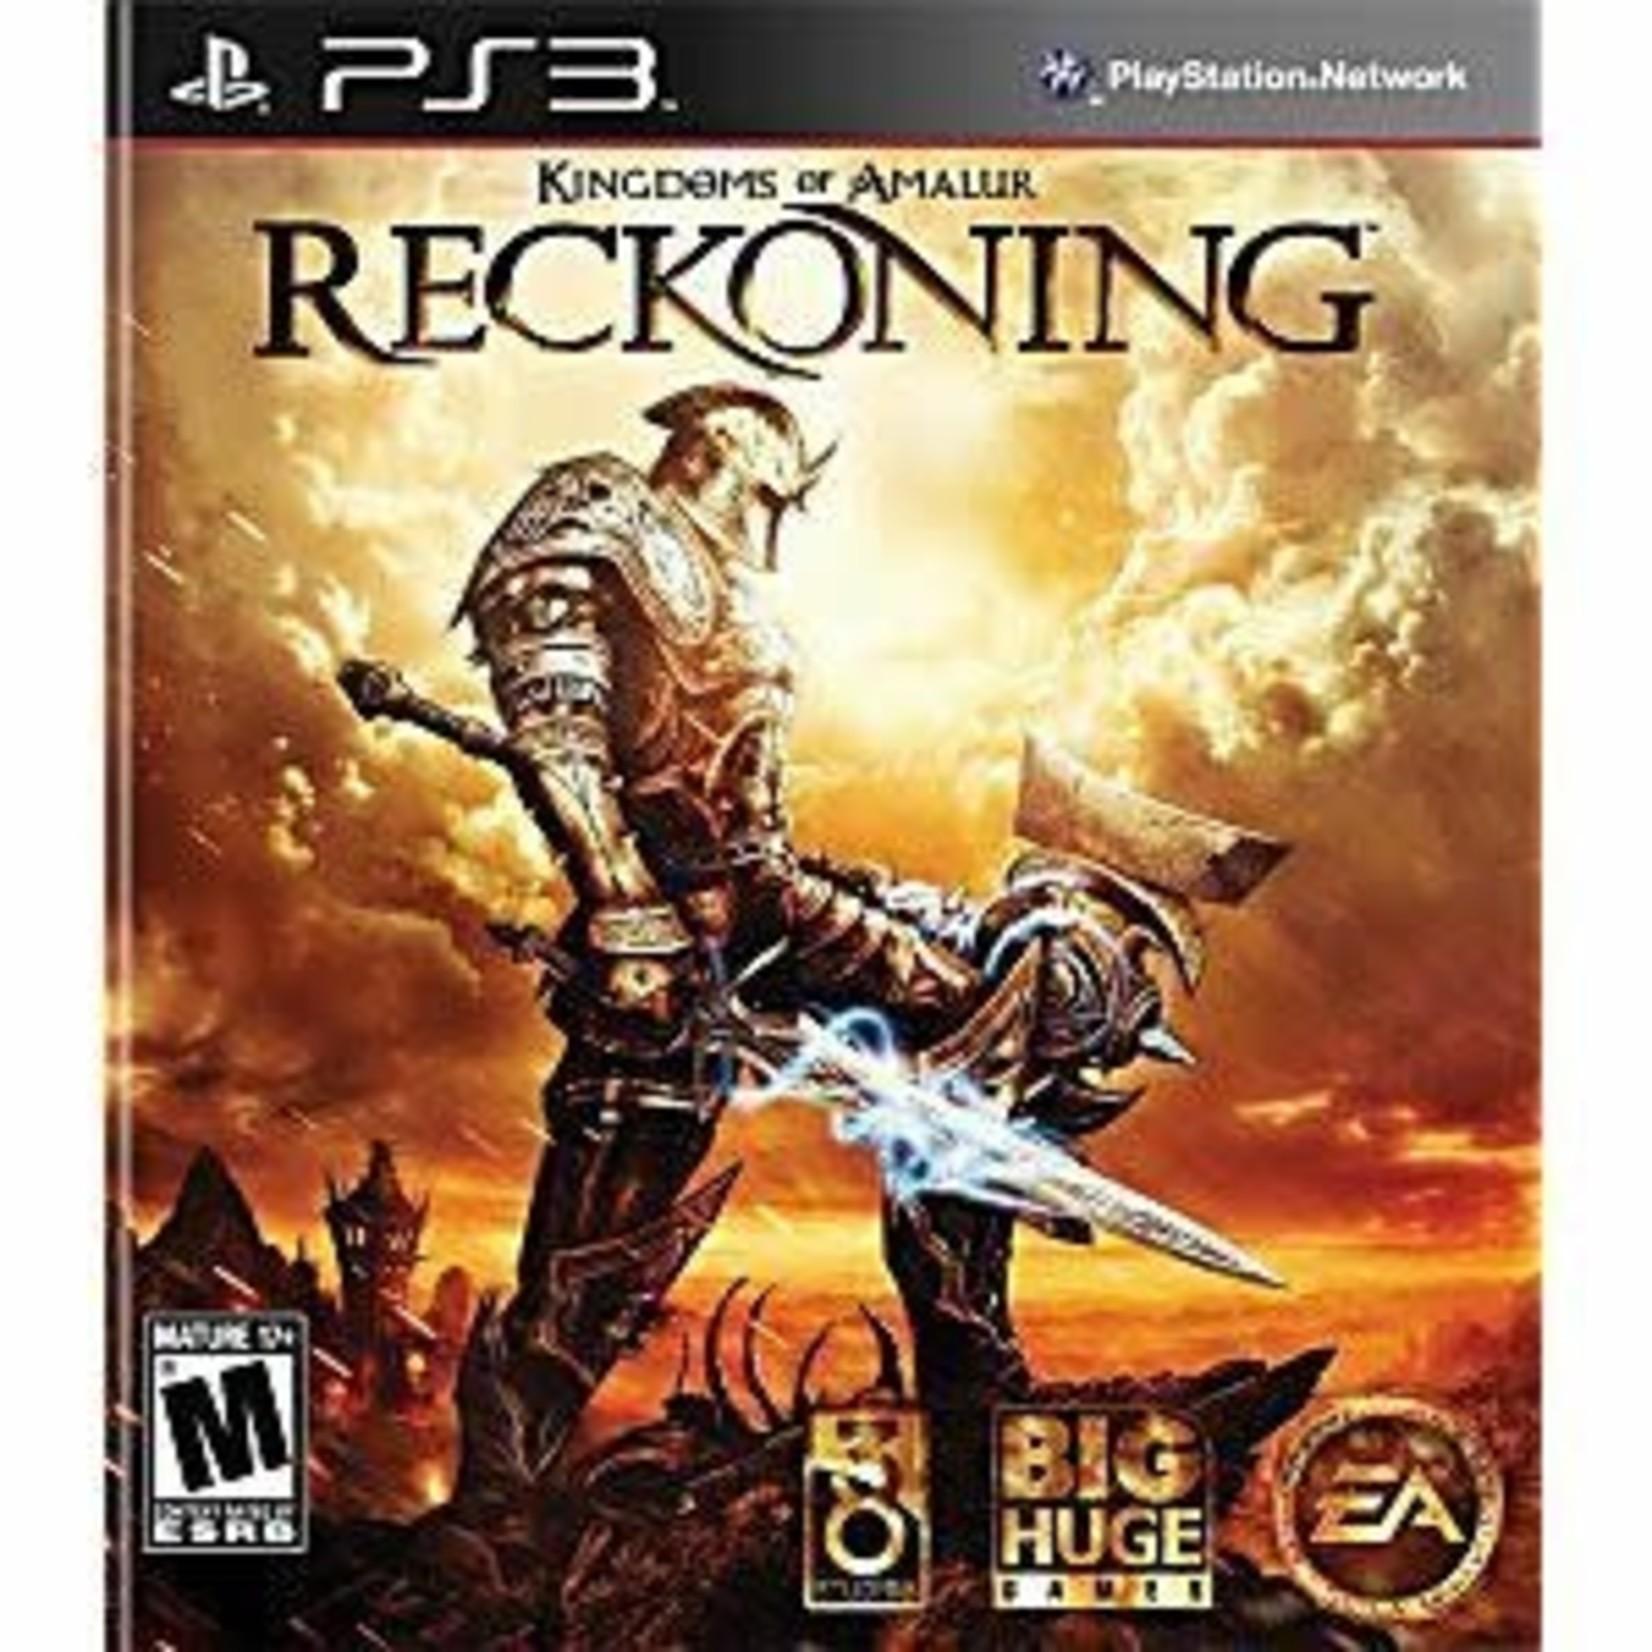 PS3U-KINGDOMS OF AMALUR: RECKONING